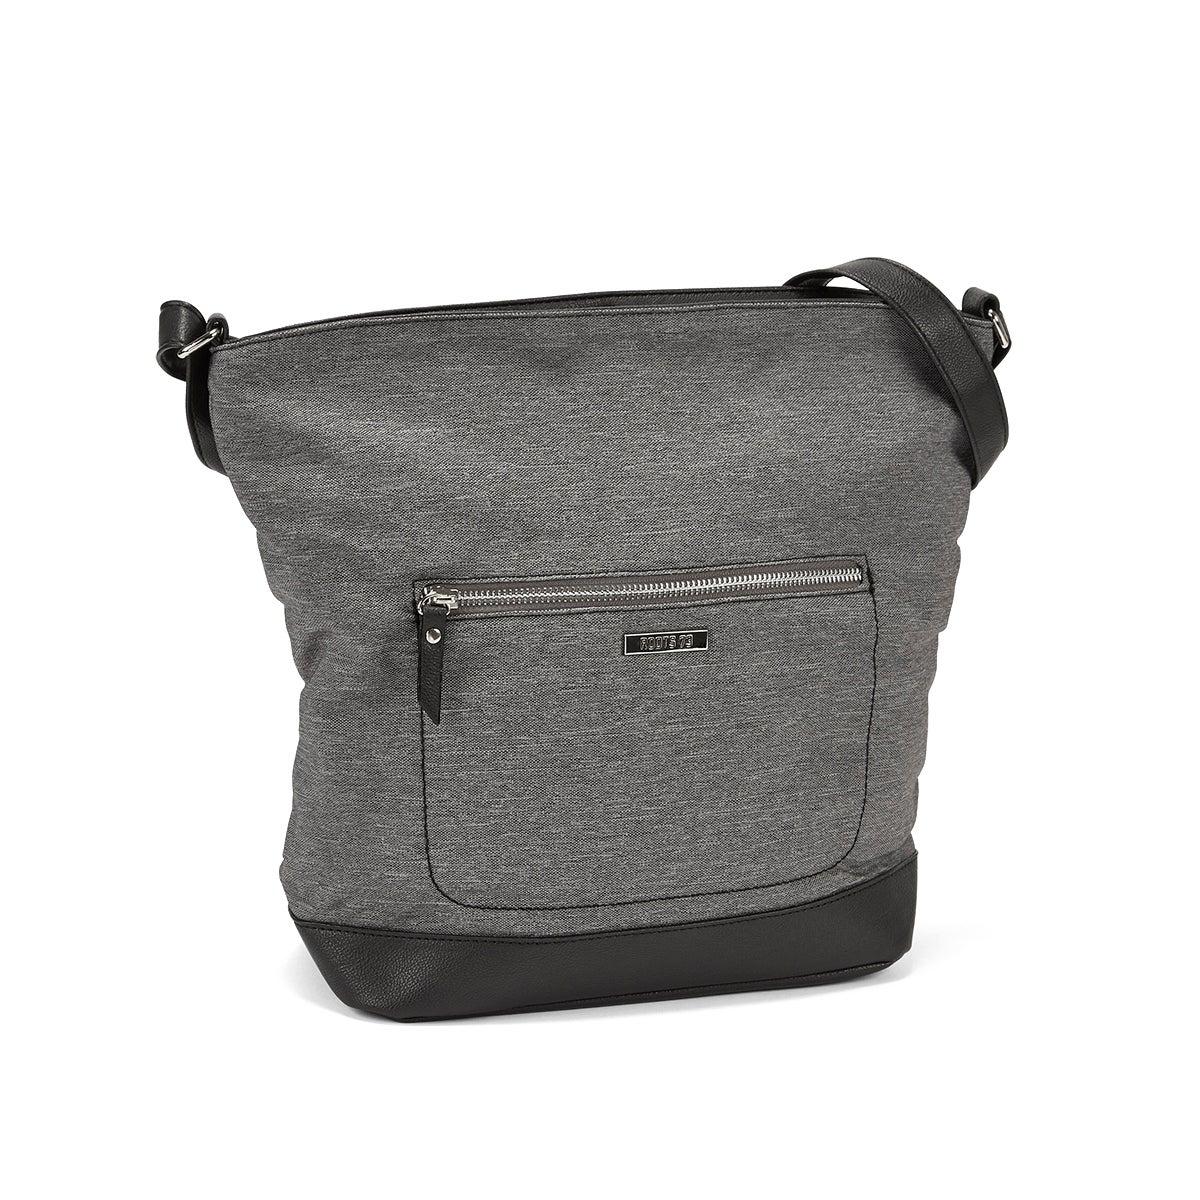 LdsRoots73 grey top zip large hobo bag